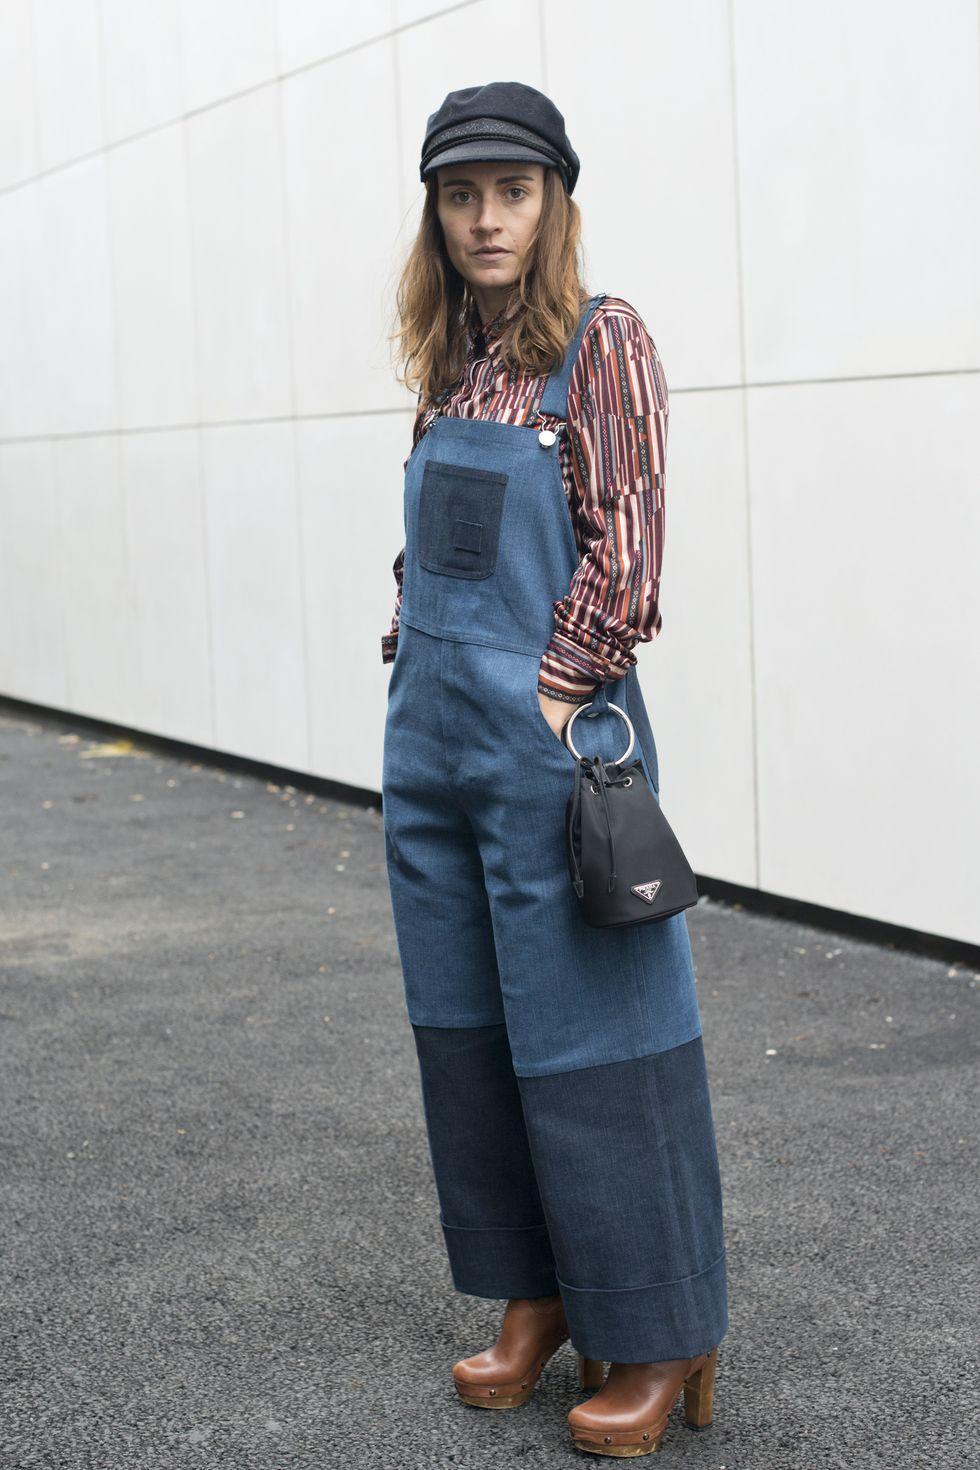 Ngôi sao phong cách đường phố Sara Reverberi đã mang đến cảm giác châu Âu đầy nghệ thuật trong chiếc quần yếm denim của cô. Cô ấy tạo kiểu cho chiếc áo một mảnh với chiếc mũ lưỡi trai, phần trên in hình trừu tượng và đôi giày lấy cảm hứng từ guốc. Cô gắn chiếc túi Prada của mình vào một chiếc vòng trên chiếc quần yếm hai dây.